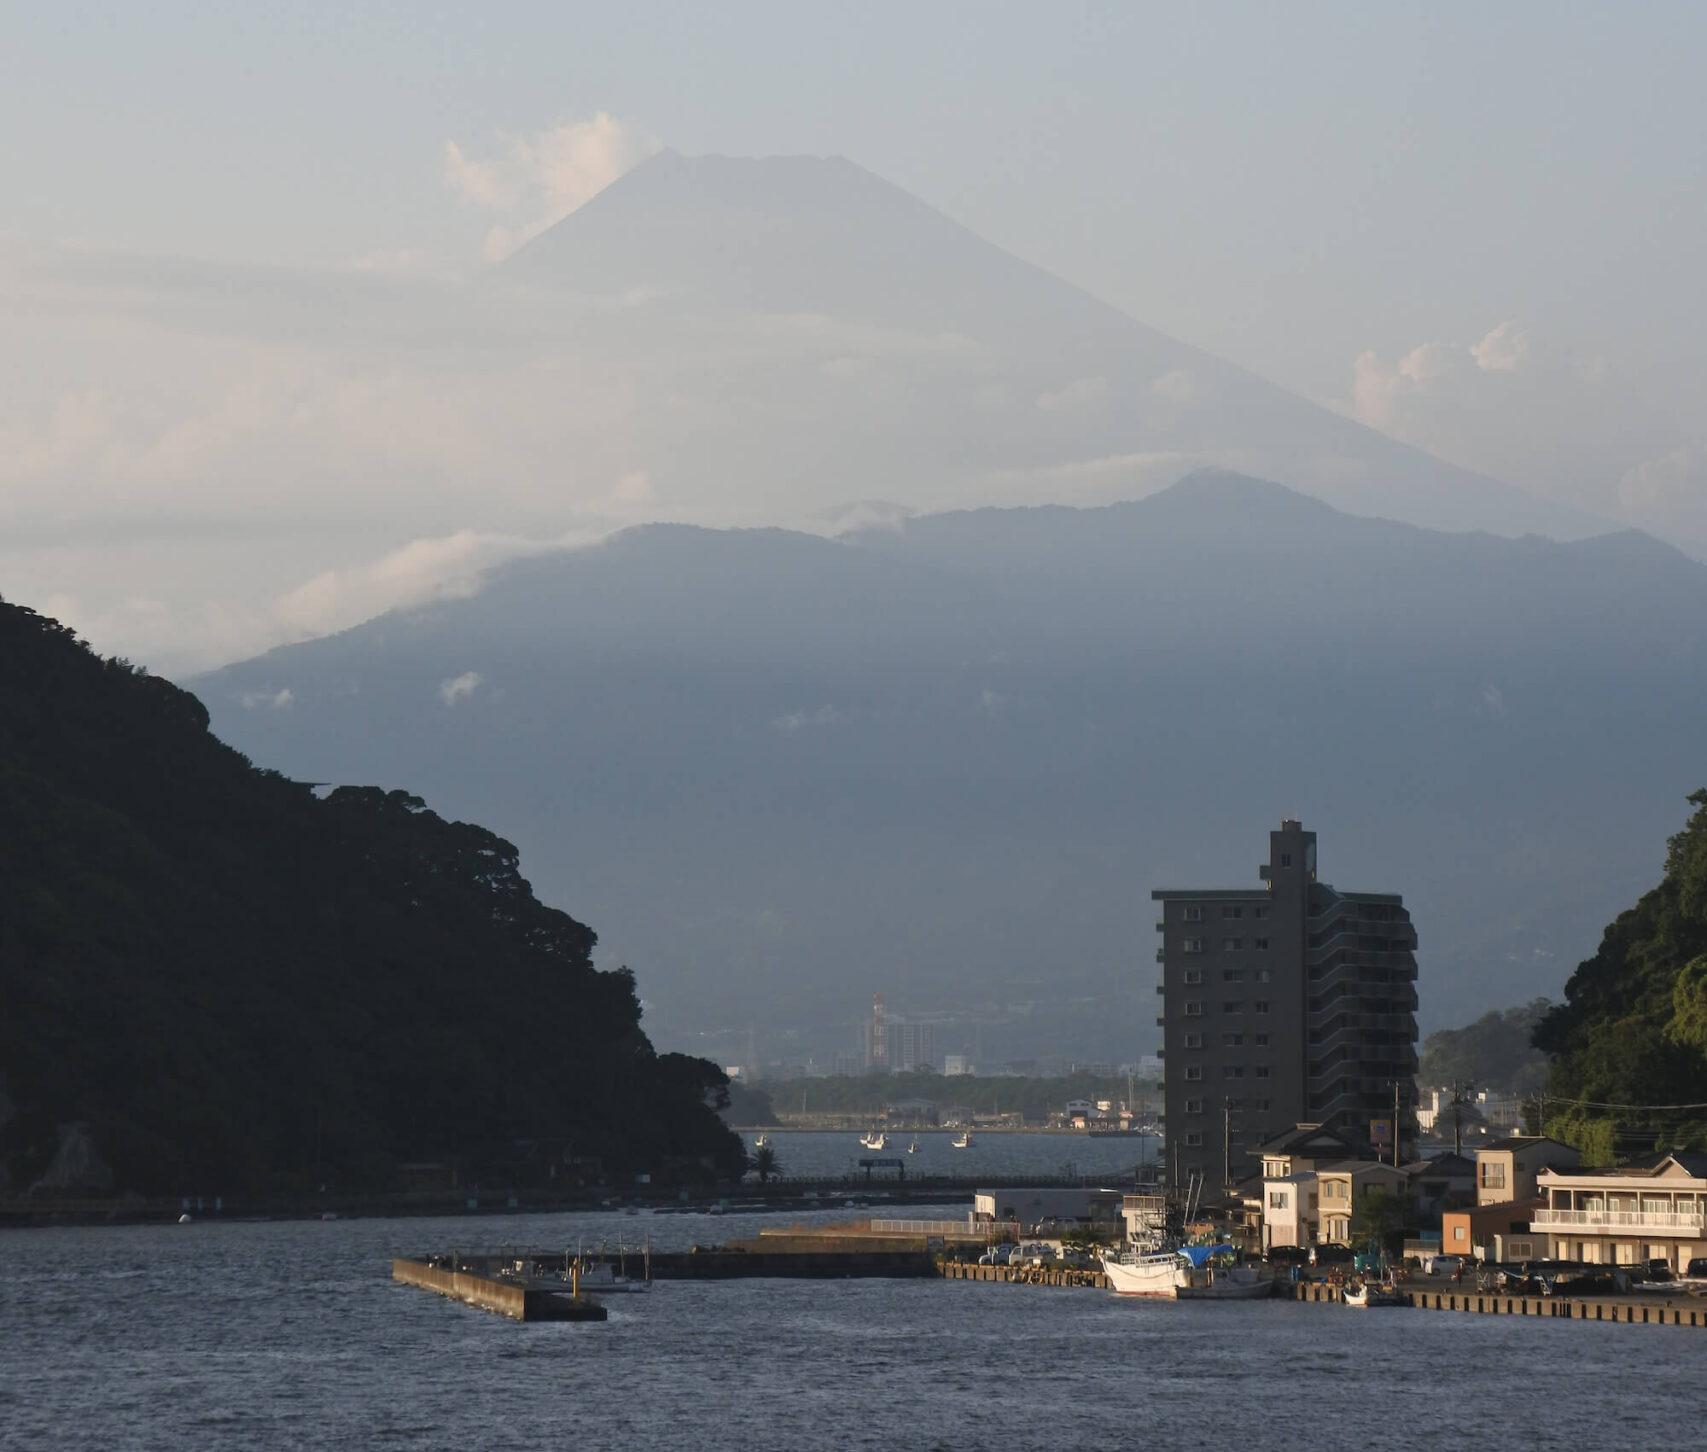 伊豆の高級旅館:松濤館からの富士山(慶太ブログ)